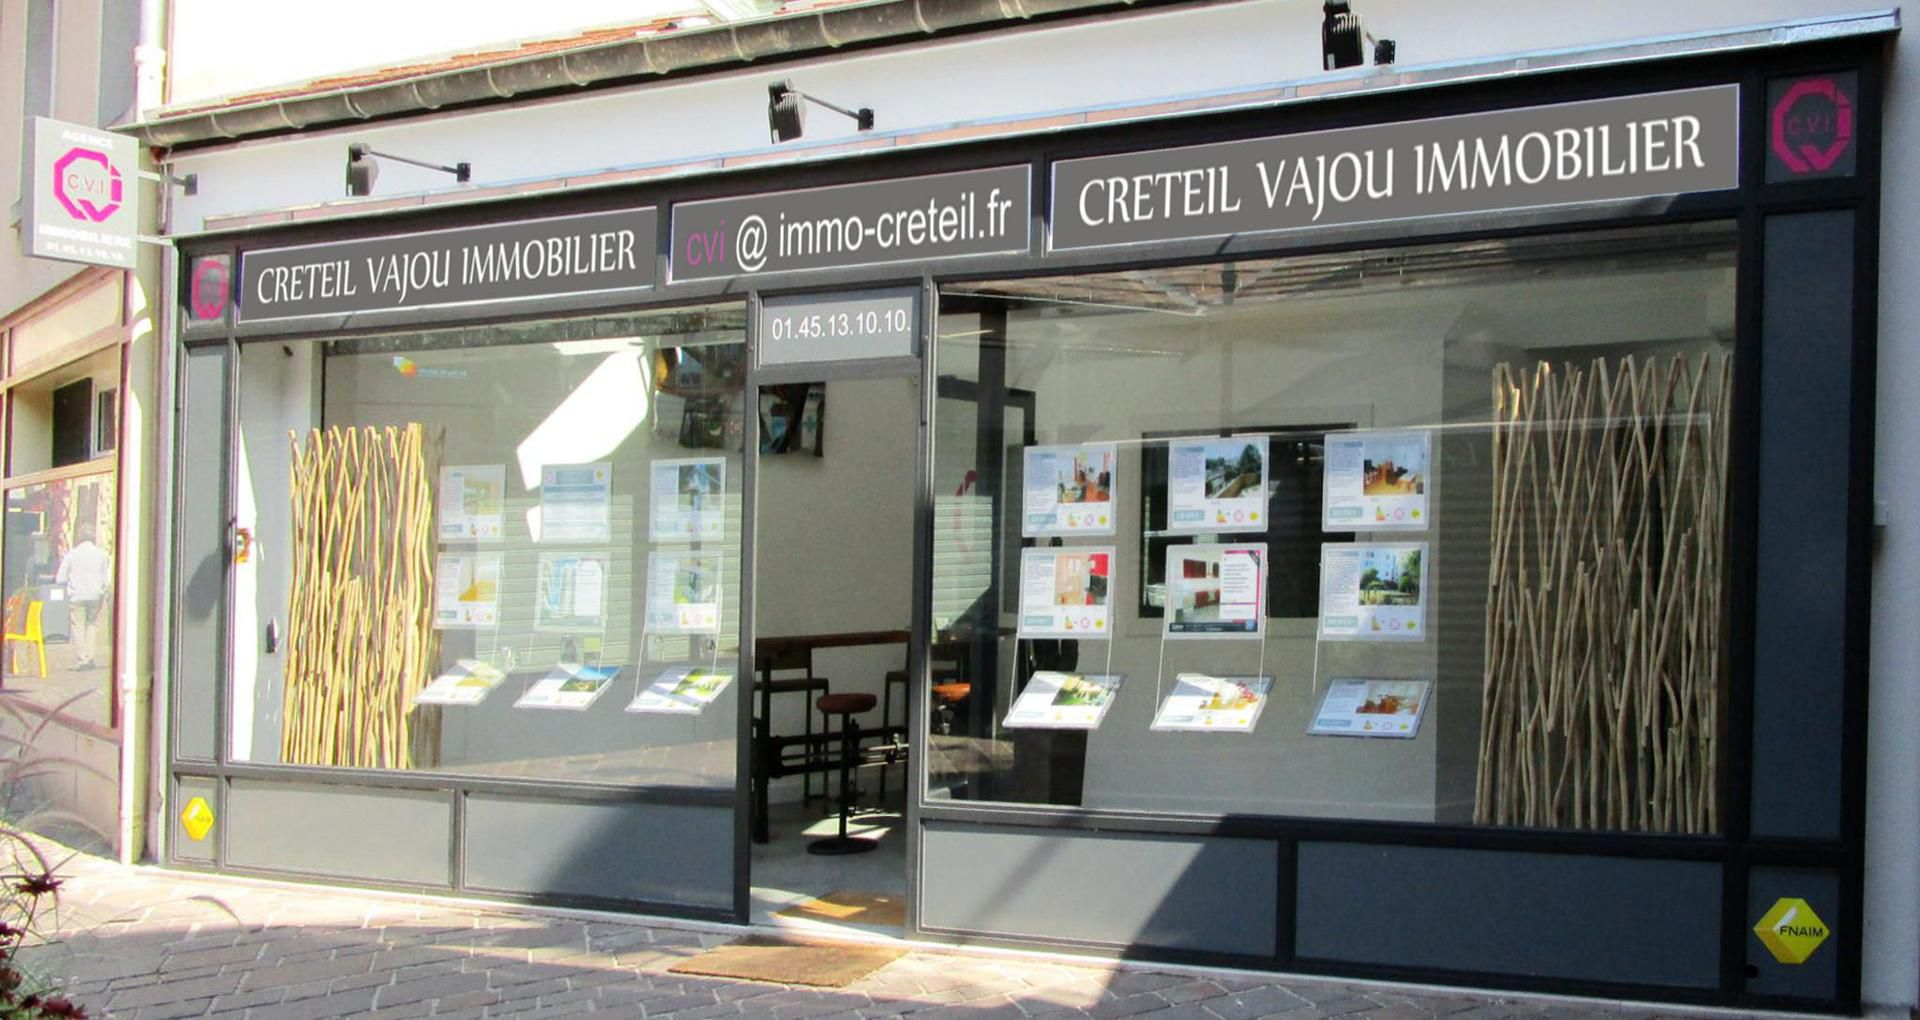 (c) Creteil-immobilier.fr